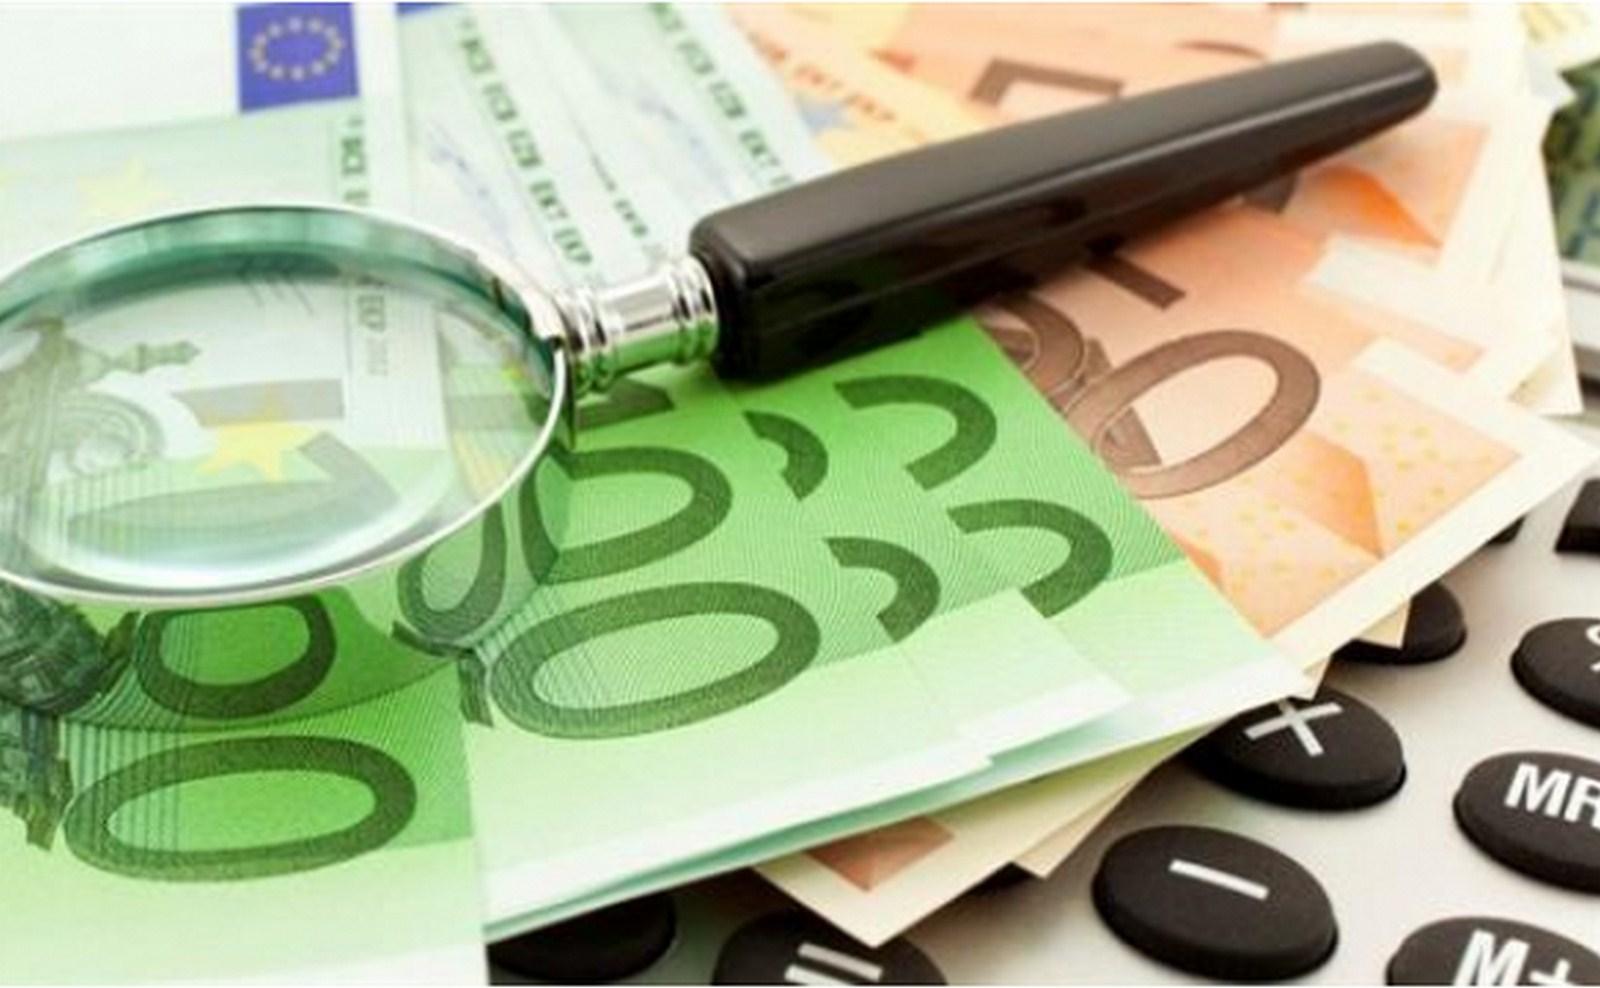 """Θετικά μέτρα 5,5 δισ. Ευρώ """"βλέπει"""" η κυβέρνηση για την 4ετία 2019-2022"""